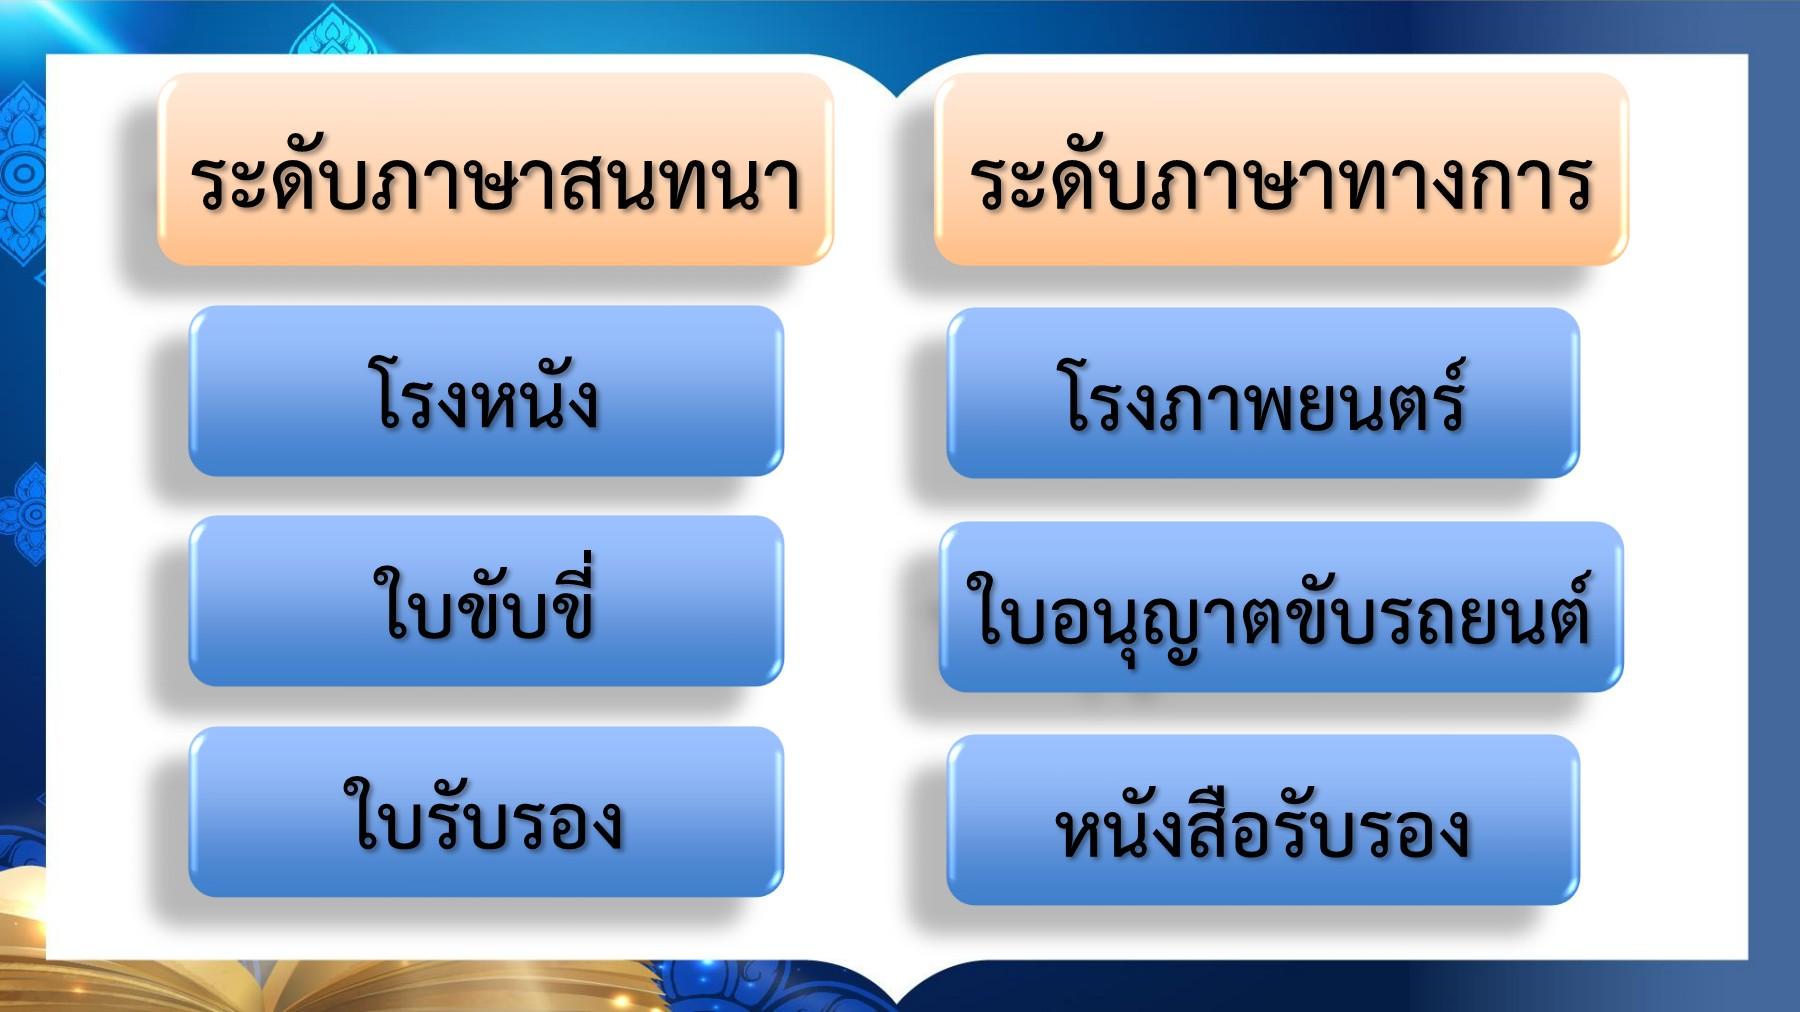 สื่อประกอบการสอน_เรื่อง_ระดับภาษา_(2) - Flip Book Pages 1-16